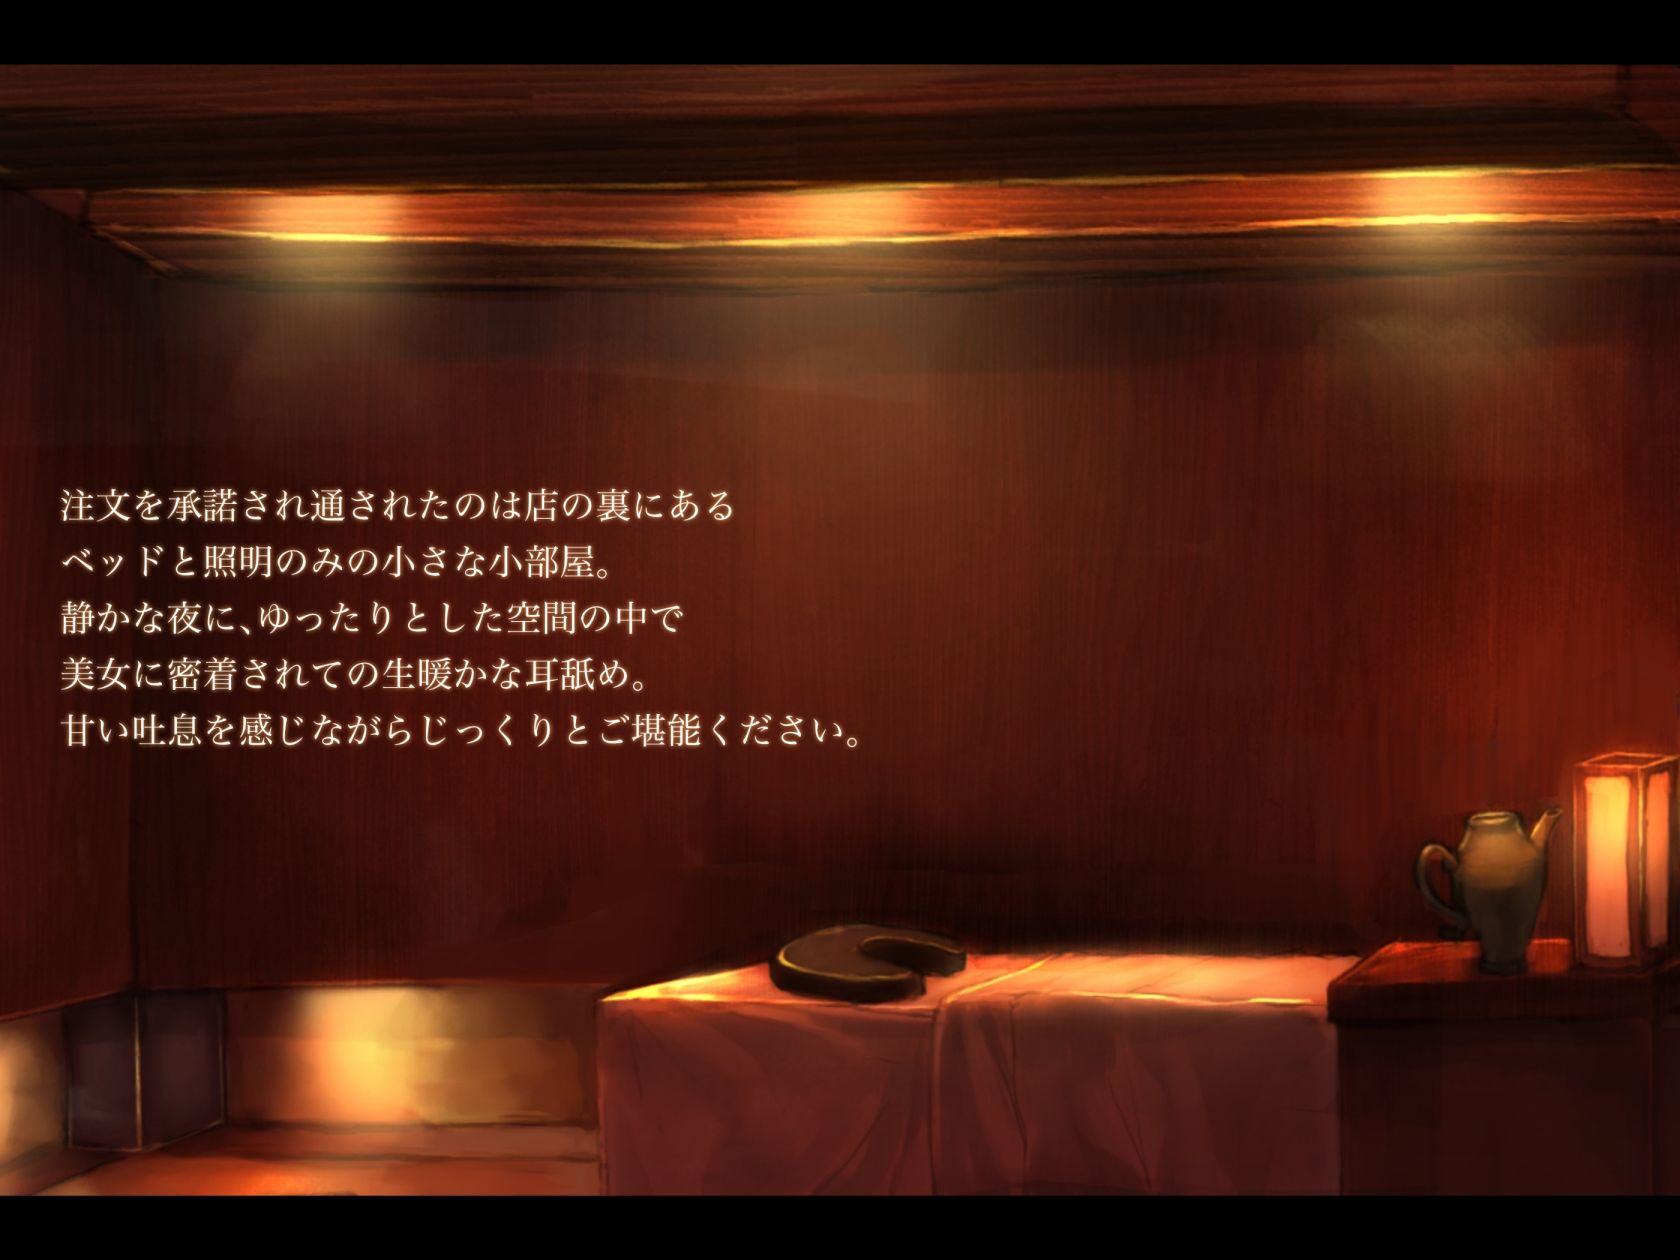 耳舐めソムリエ〜クーデレBARマスター「静流」編〜